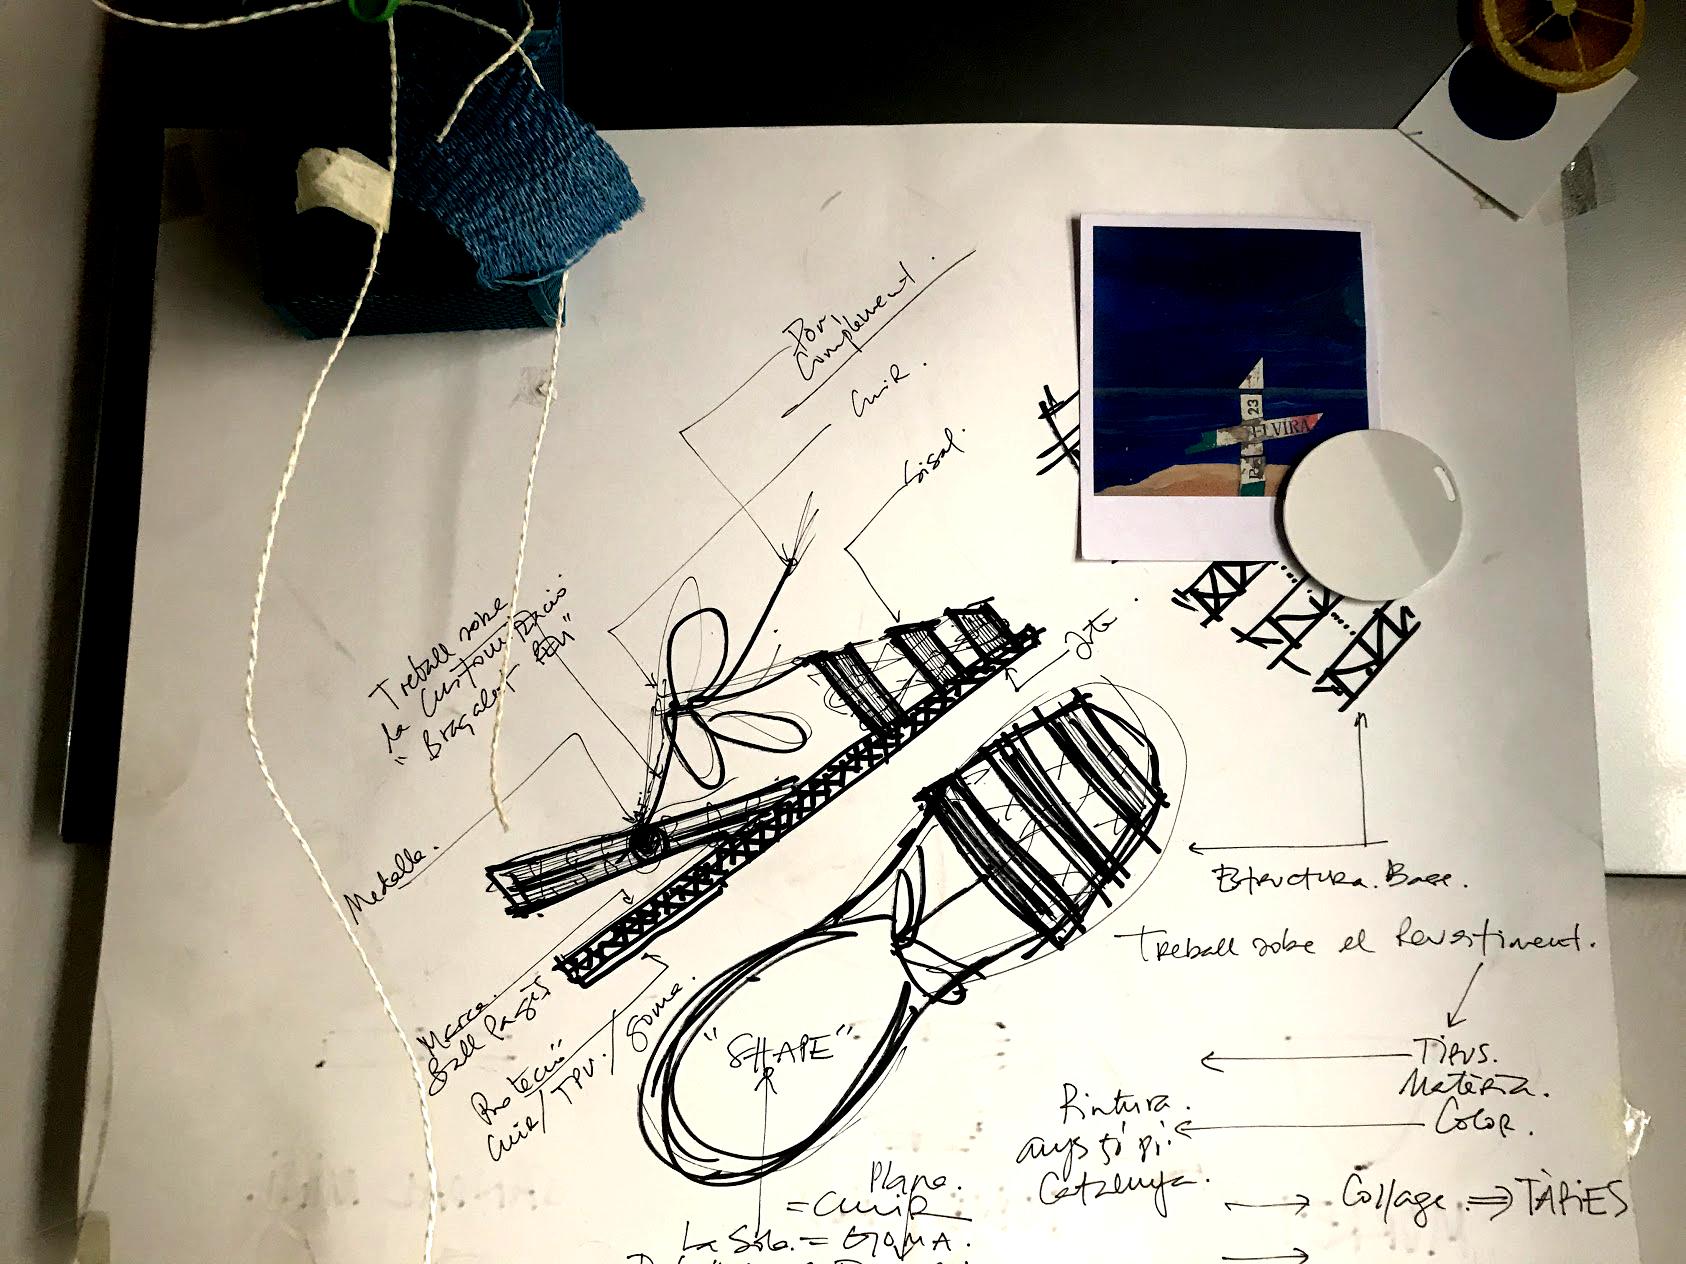 creacion-taller-alpargats-moda-estilo-ibicenco-mediterraneo-ball-pages